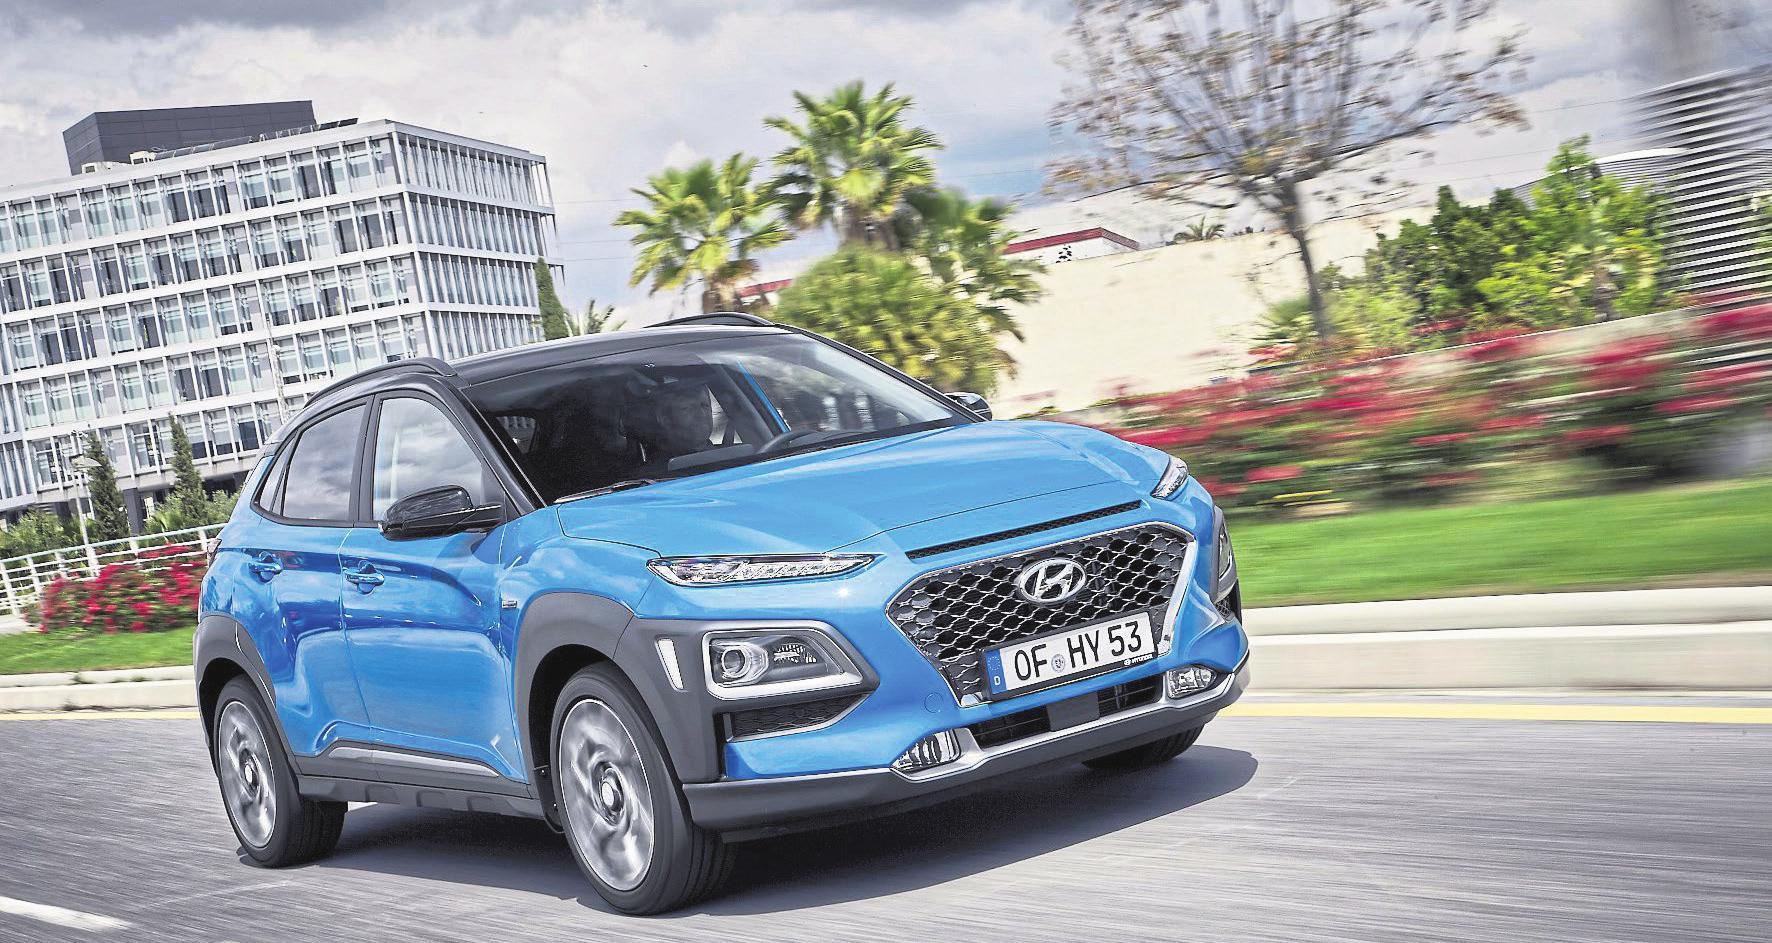 Der Kona Hybrid verbindet Fahrspaß und Komfort mit besonders niedrigen Verbrauchswerten.